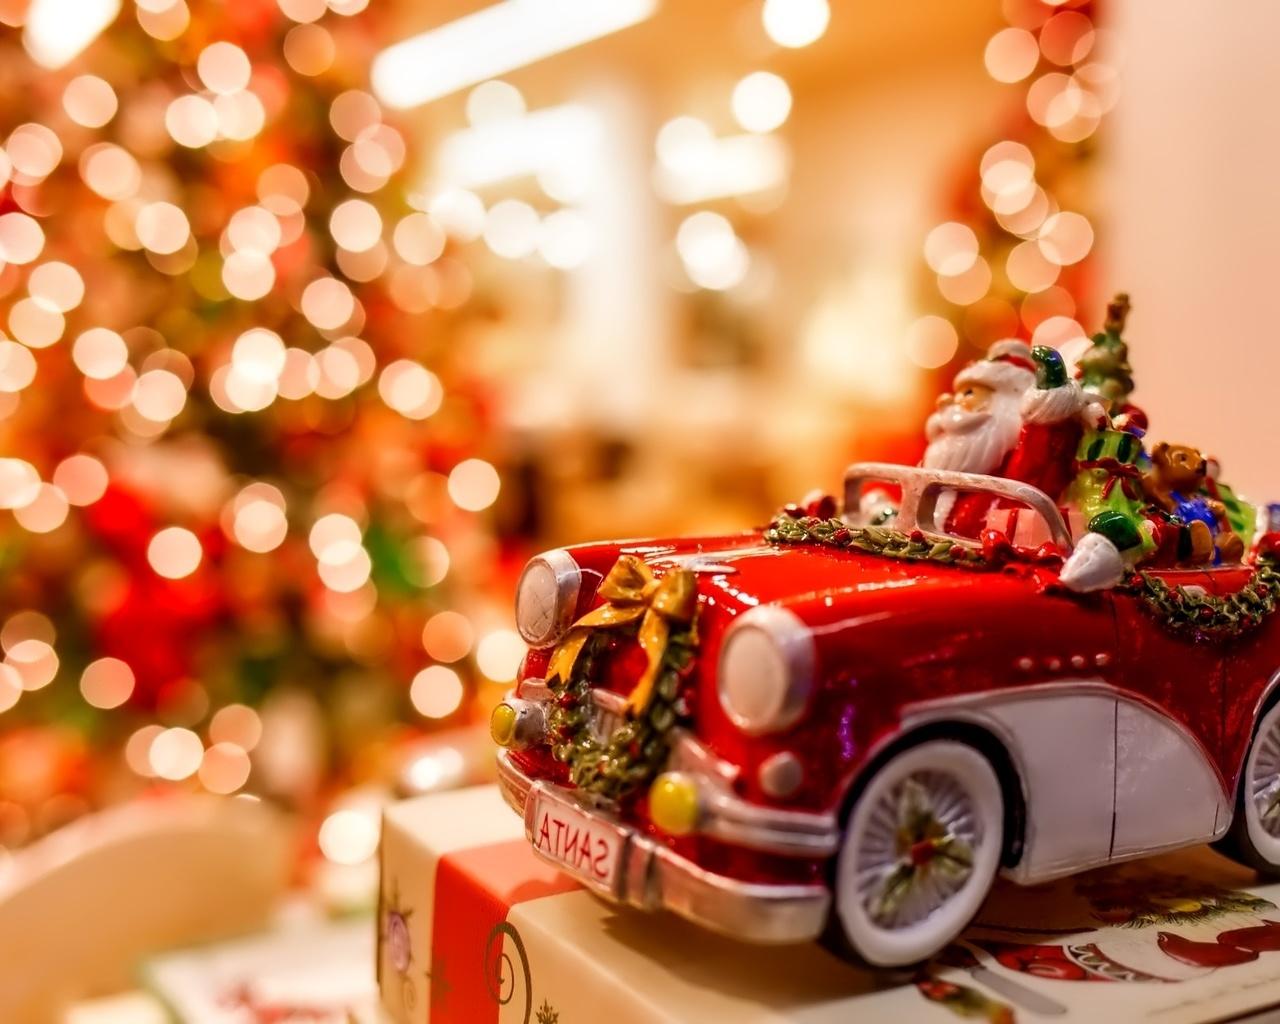 норки североамериканского новогодние машины картинки для мужа тем